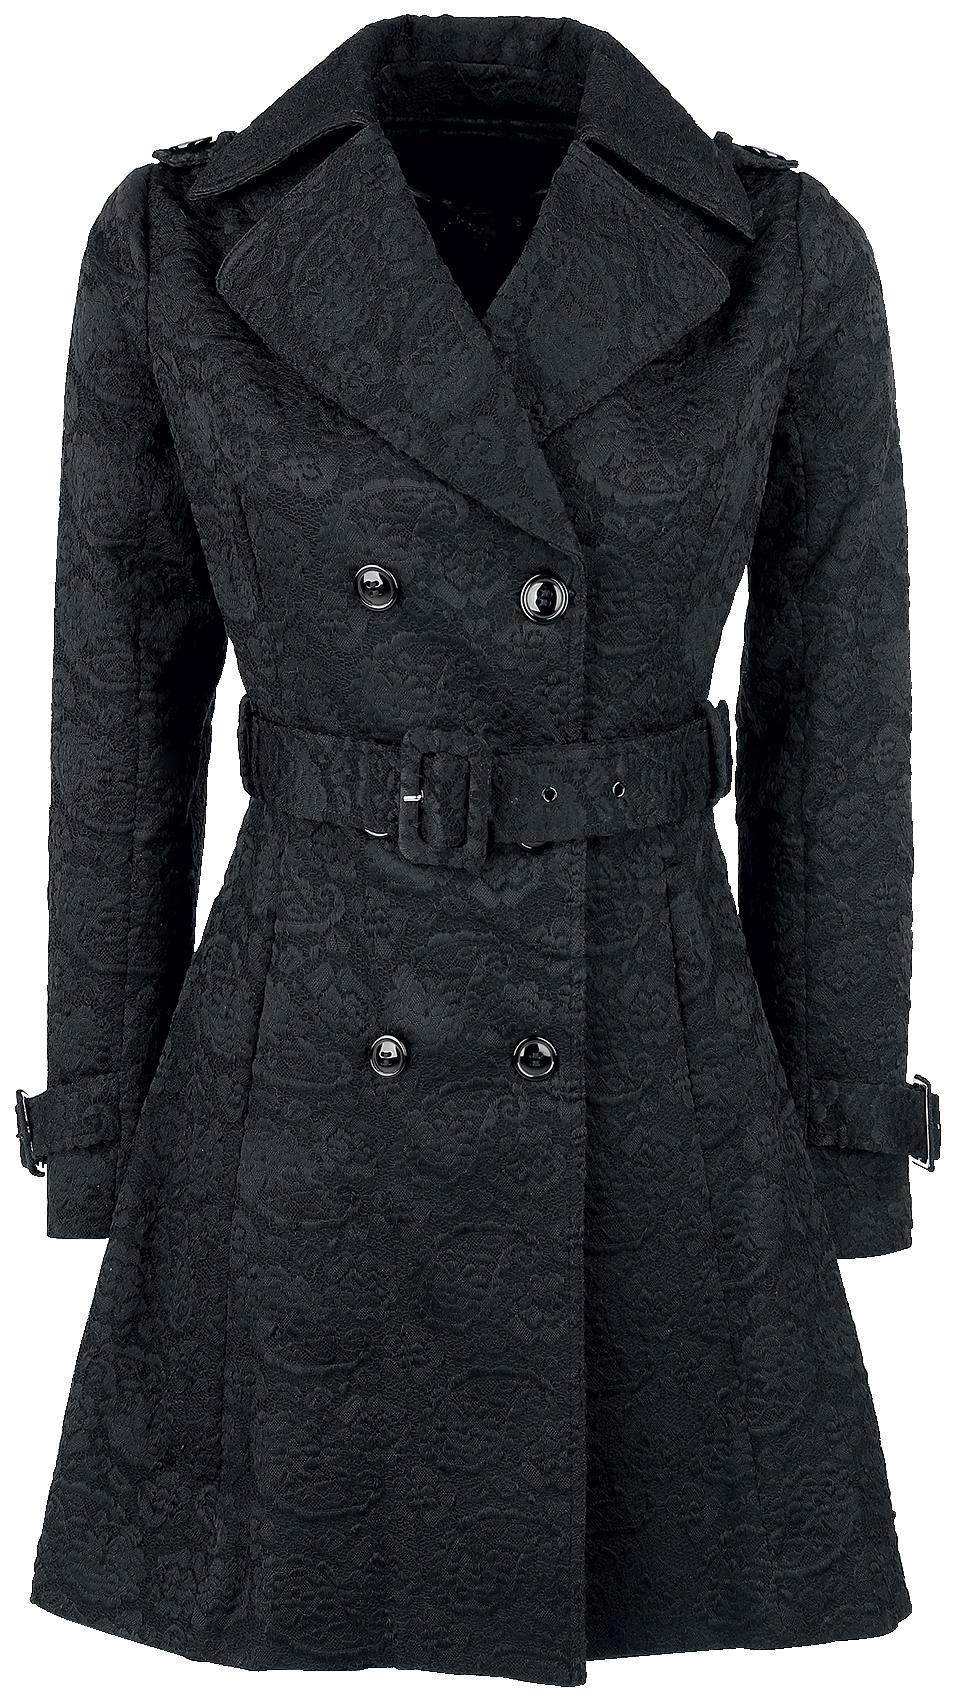 Voodoo Vixen Susan Coat Płaszcz damski czarny